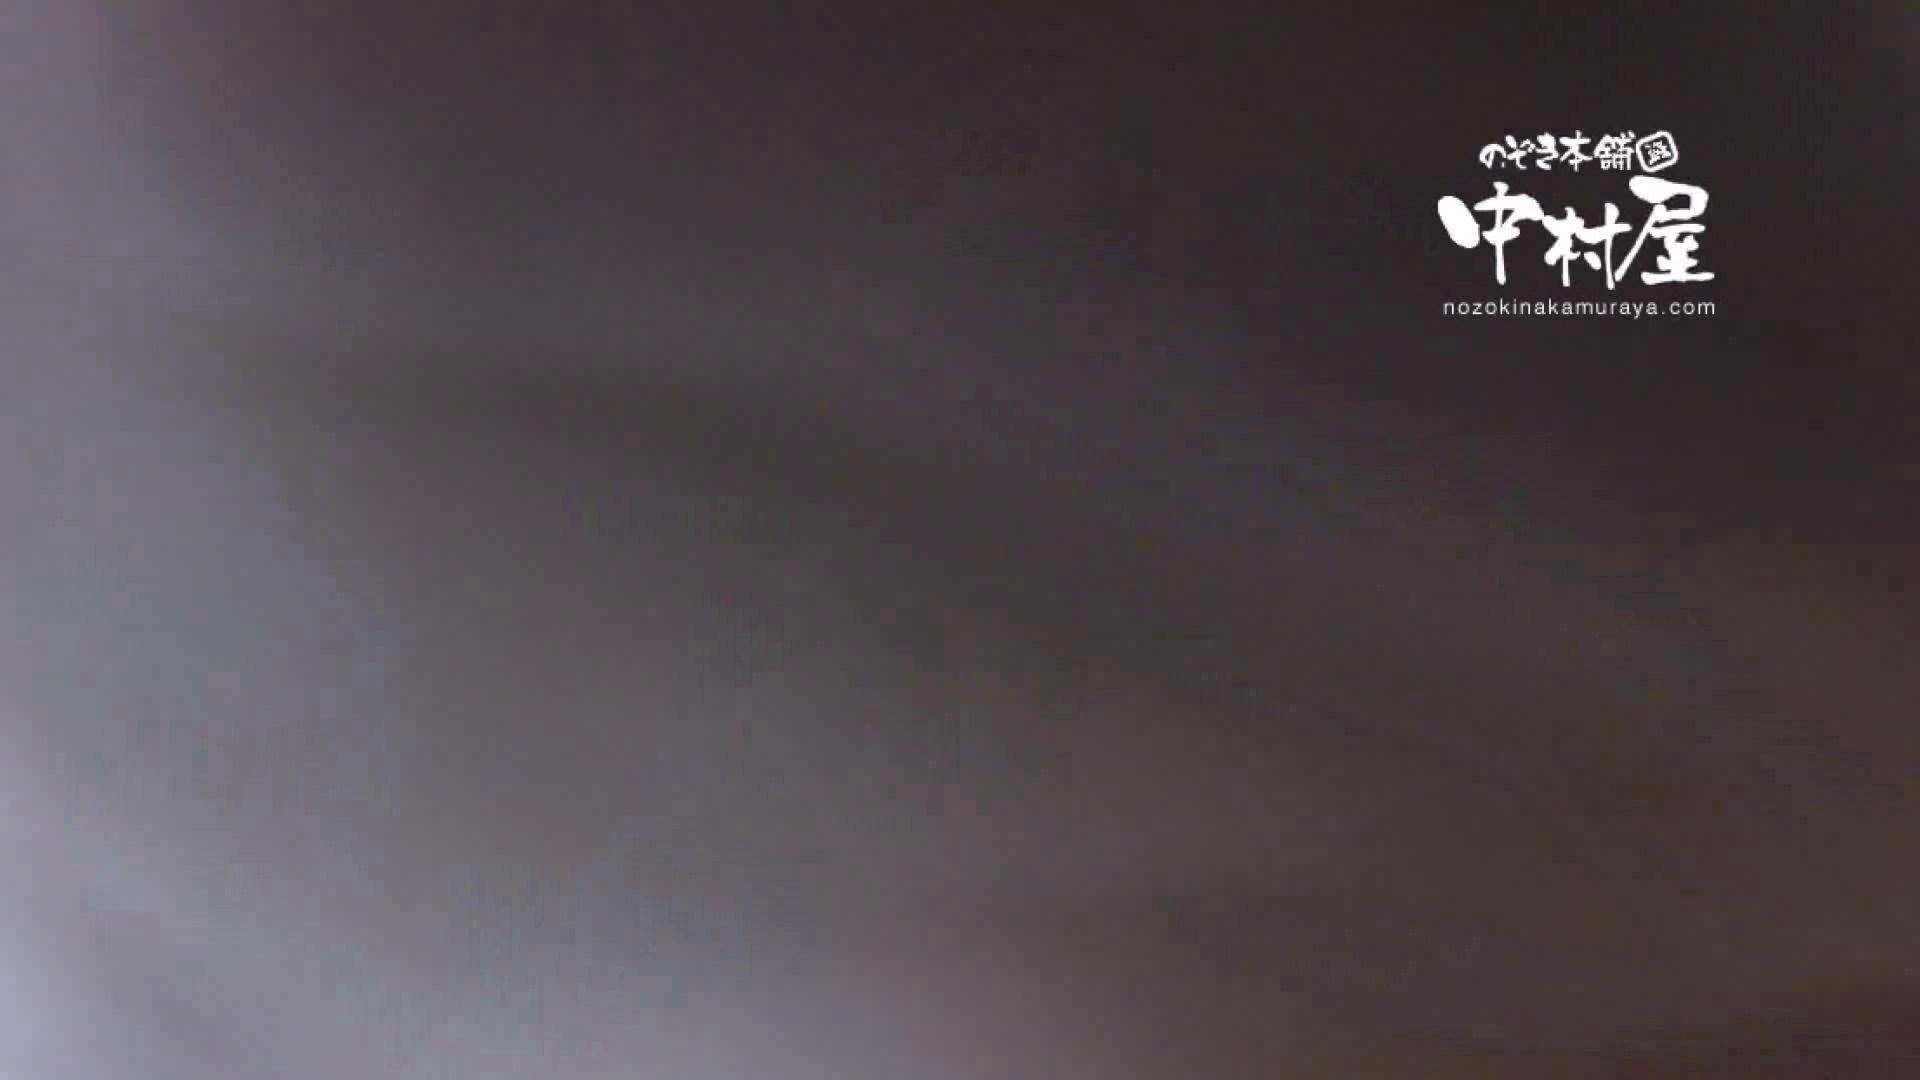 鬼畜 vol.18 居酒屋バイト時代の同僚に中出ししてみる 後編 中出し | 鬼畜  67画像 52